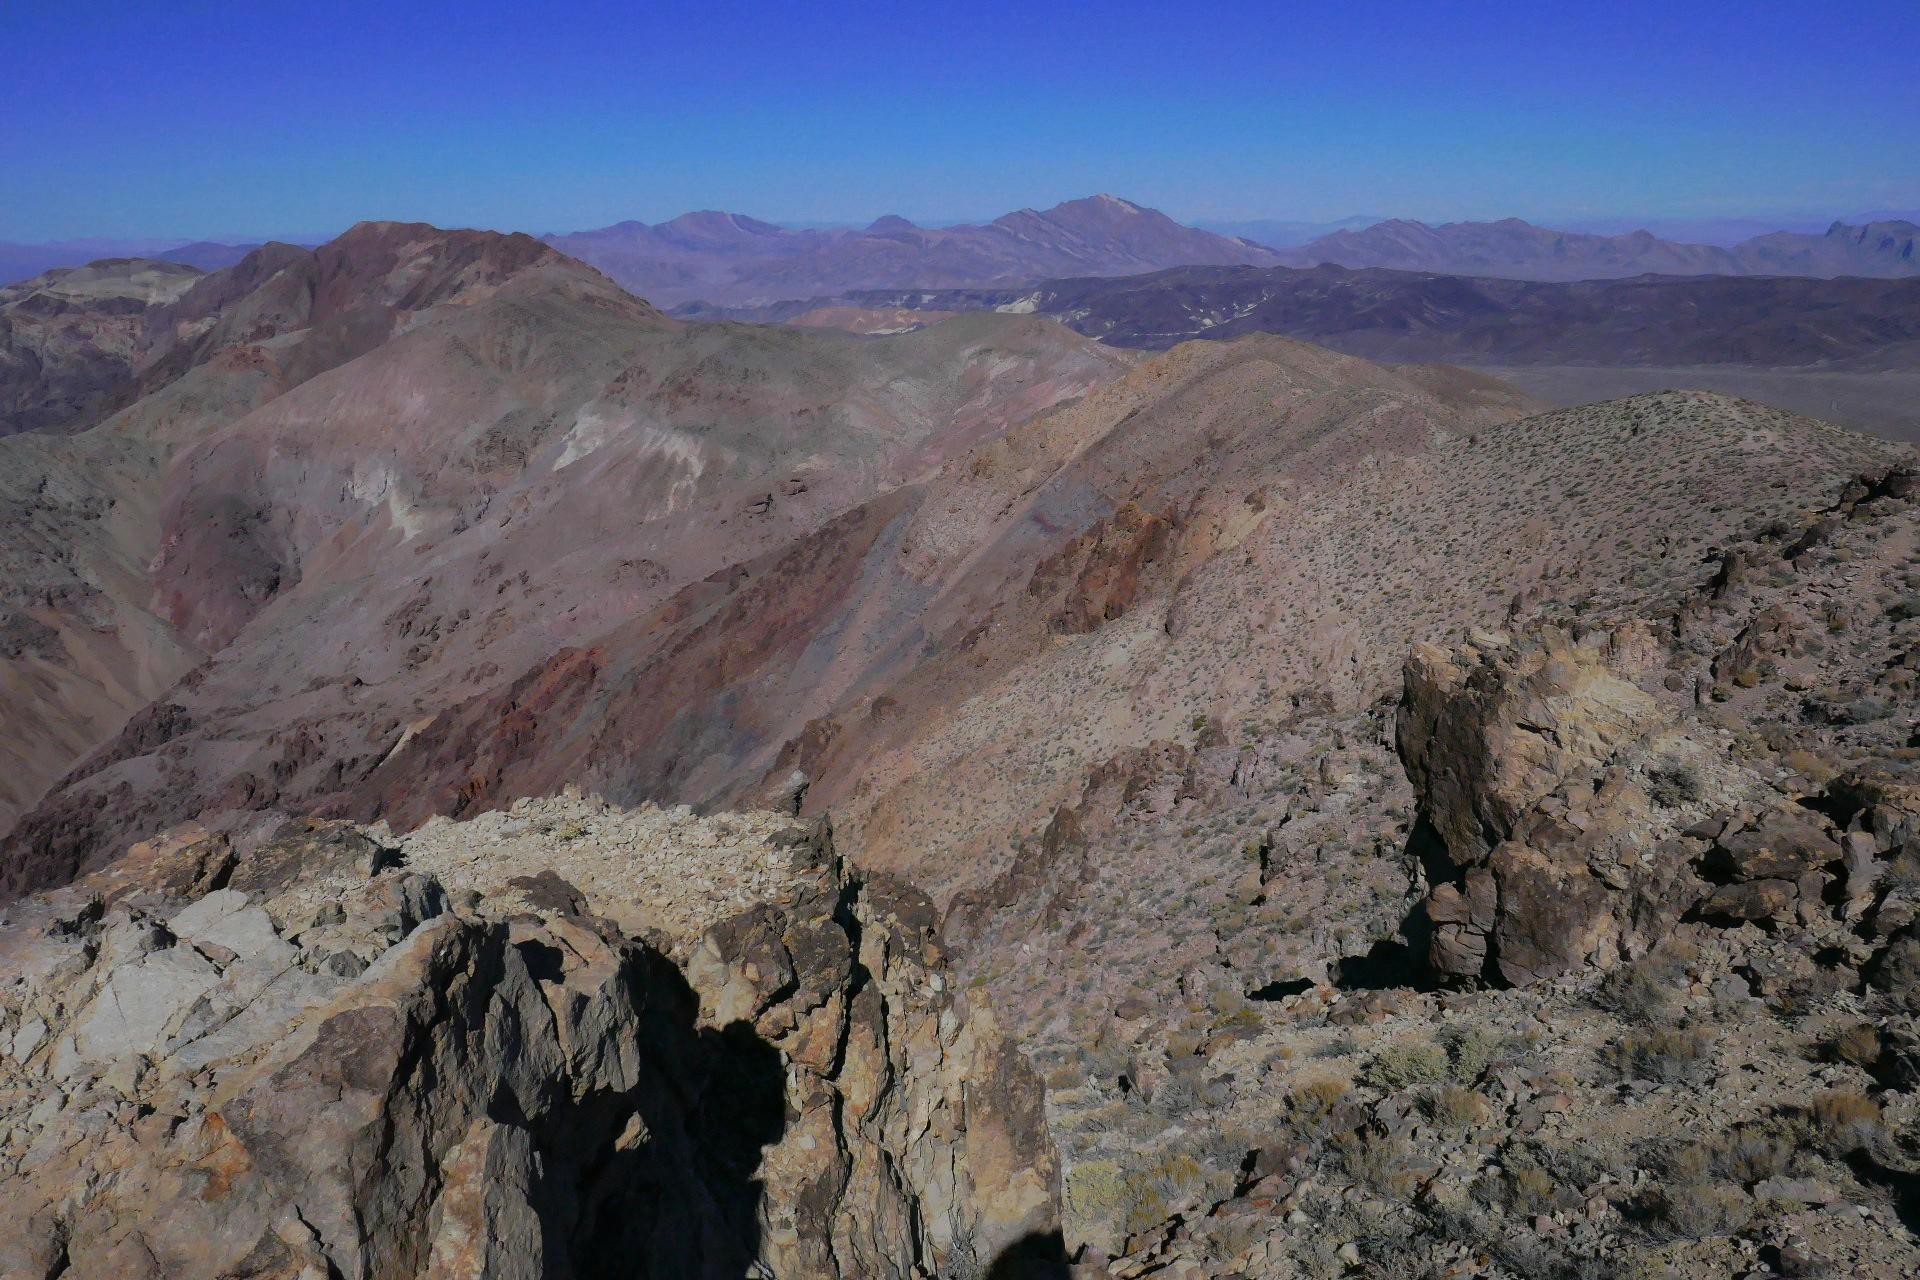 Notre randonnee de sommet en sommet sur 5 km